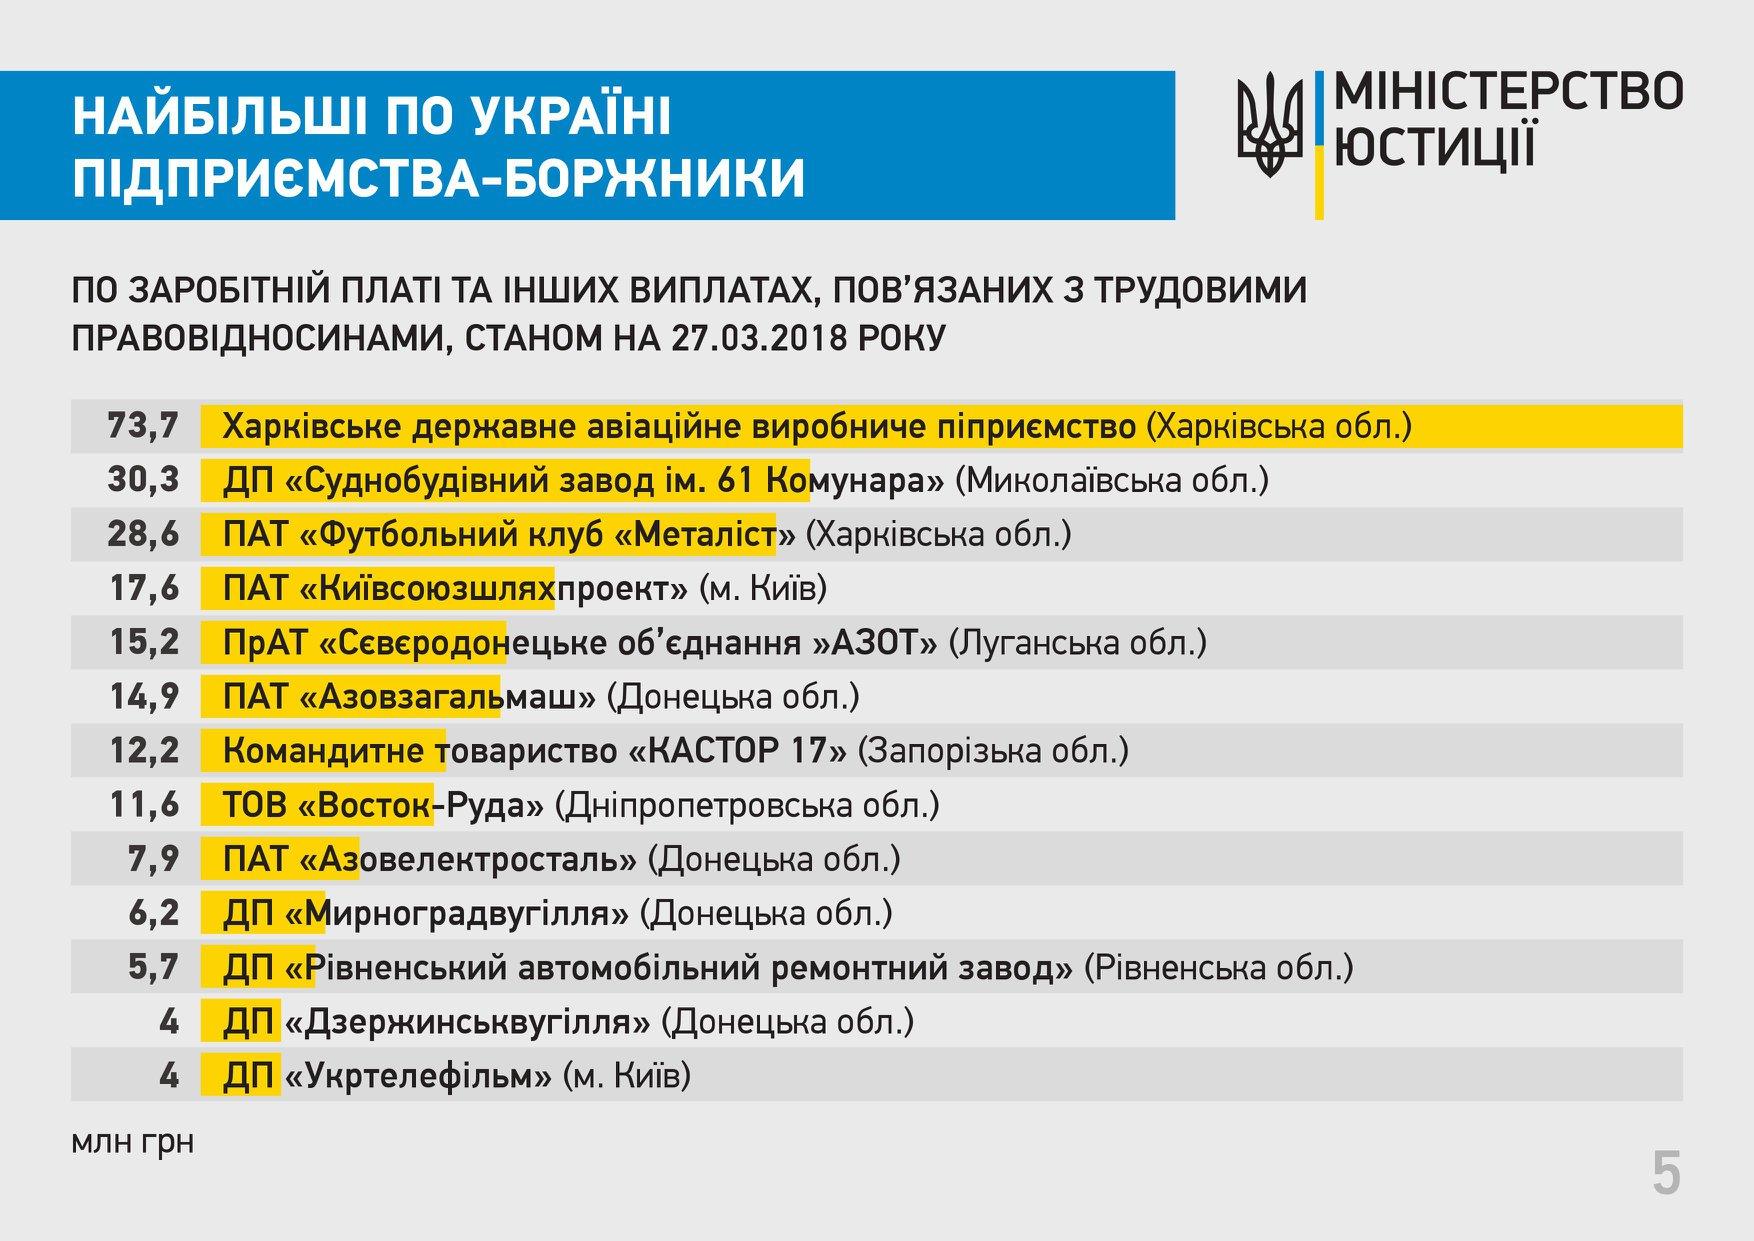 Міністерство юстиції України оприлюднило перелік підприємств із найбільшою  заборгованістю за виплатами заробітної плати. Про це йдеться у повідомленні  на ... 5181255405d52